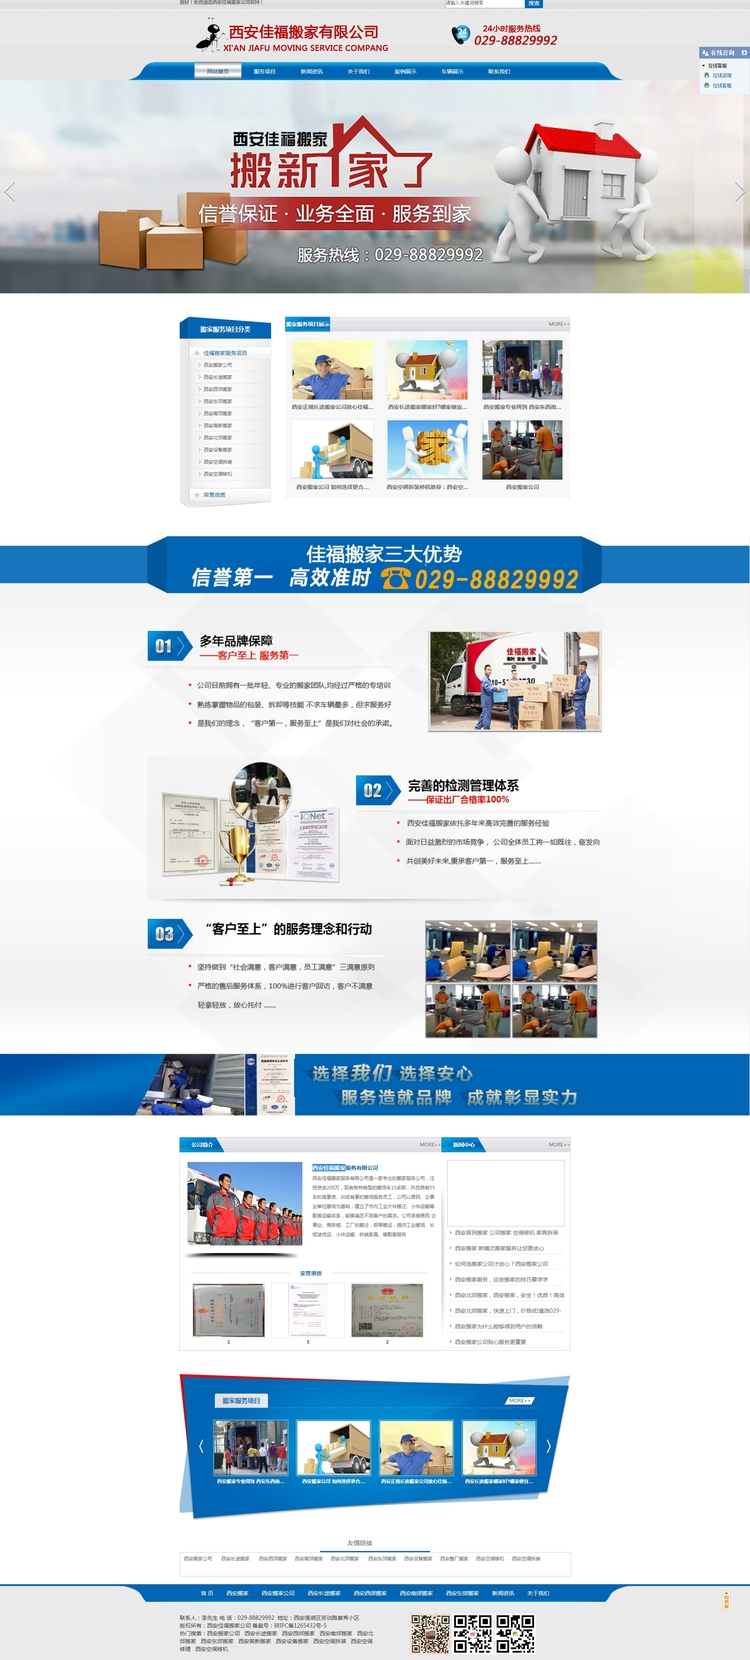 祝贺西安搬家公司-西安佳福搬家加入铭赞富海360营销推广服务一年